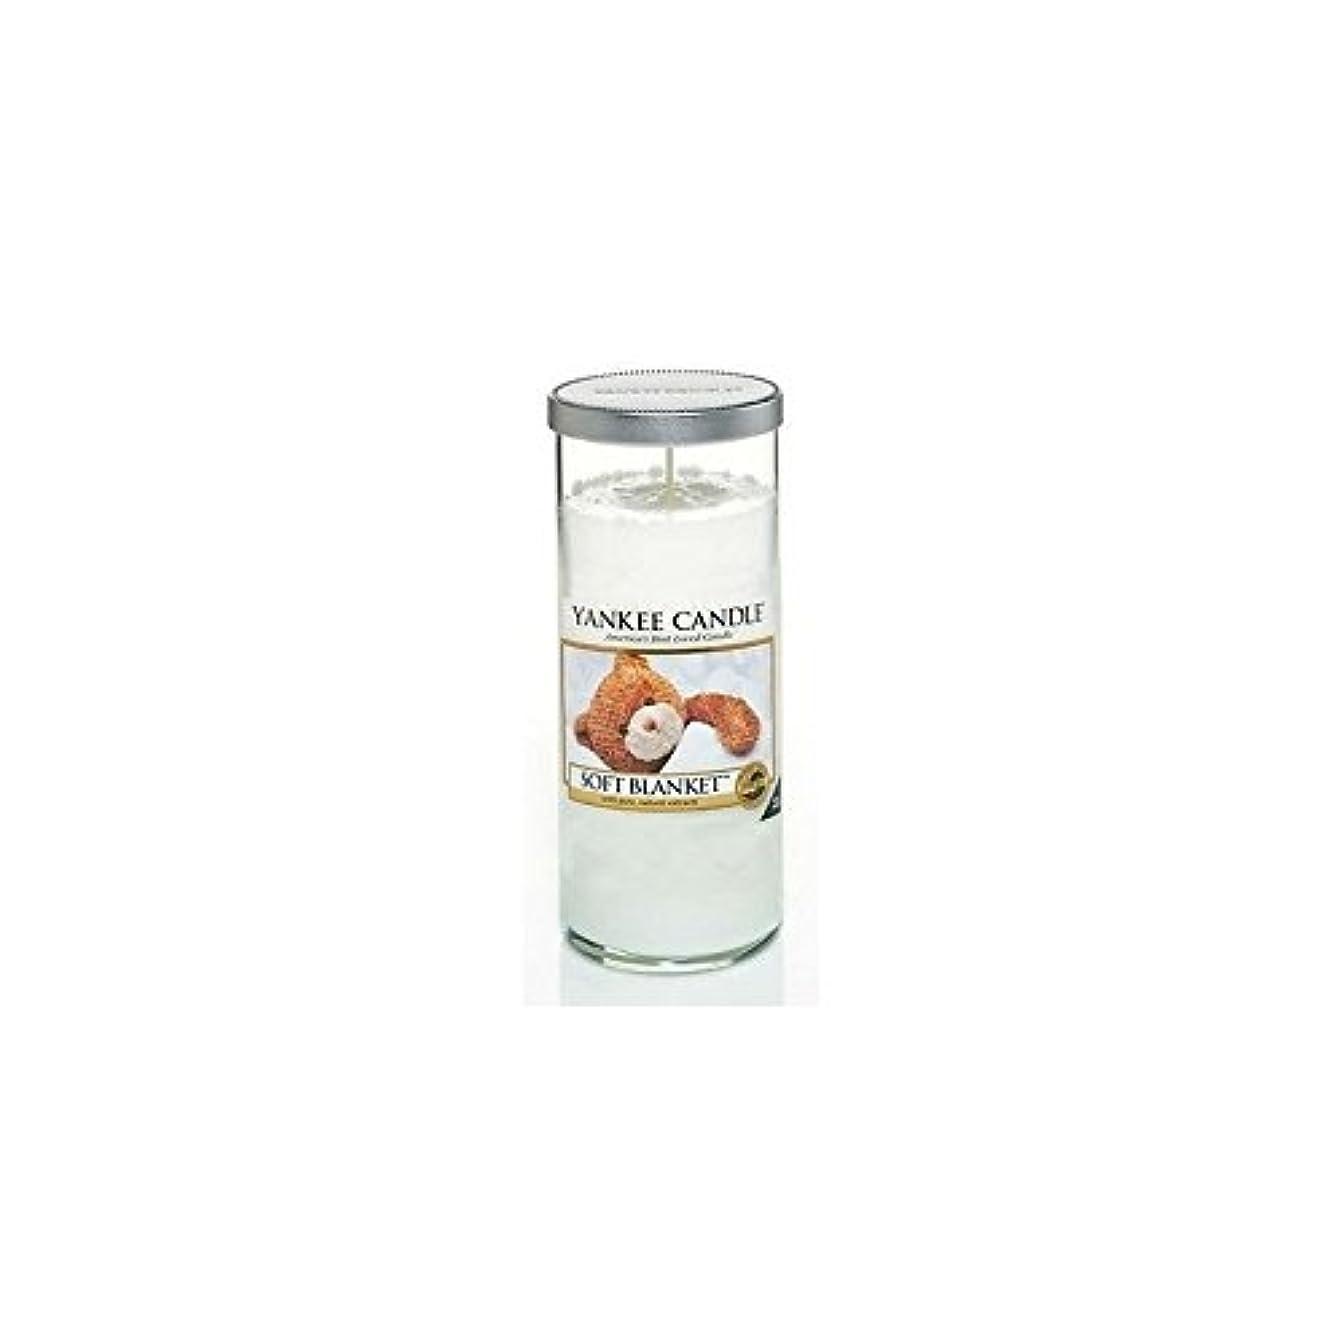 公使館充電Yankee Candles Large Pillar Candle - Soft Blanket (Pack of 6) - ヤンキーキャンドル大きな柱キャンドル - ソフト毛布 (x6) [並行輸入品]